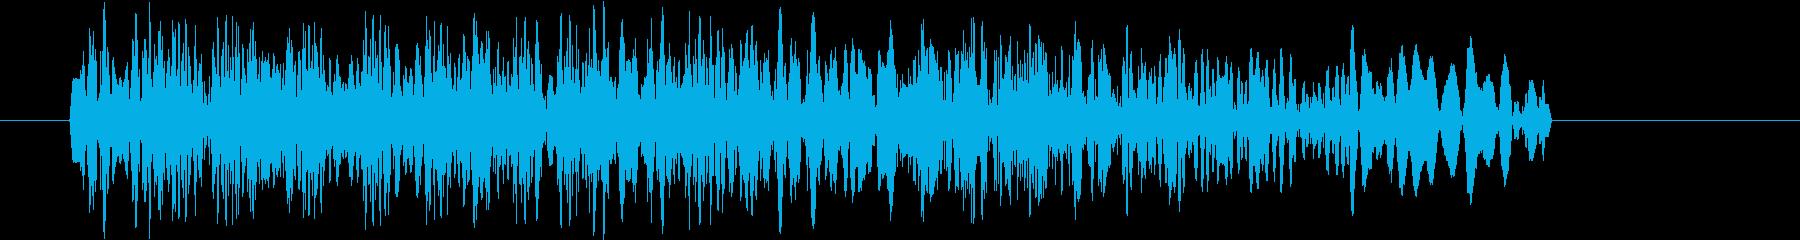 場面転換_歯切れの良いDJスクラッチ音1の再生済みの波形